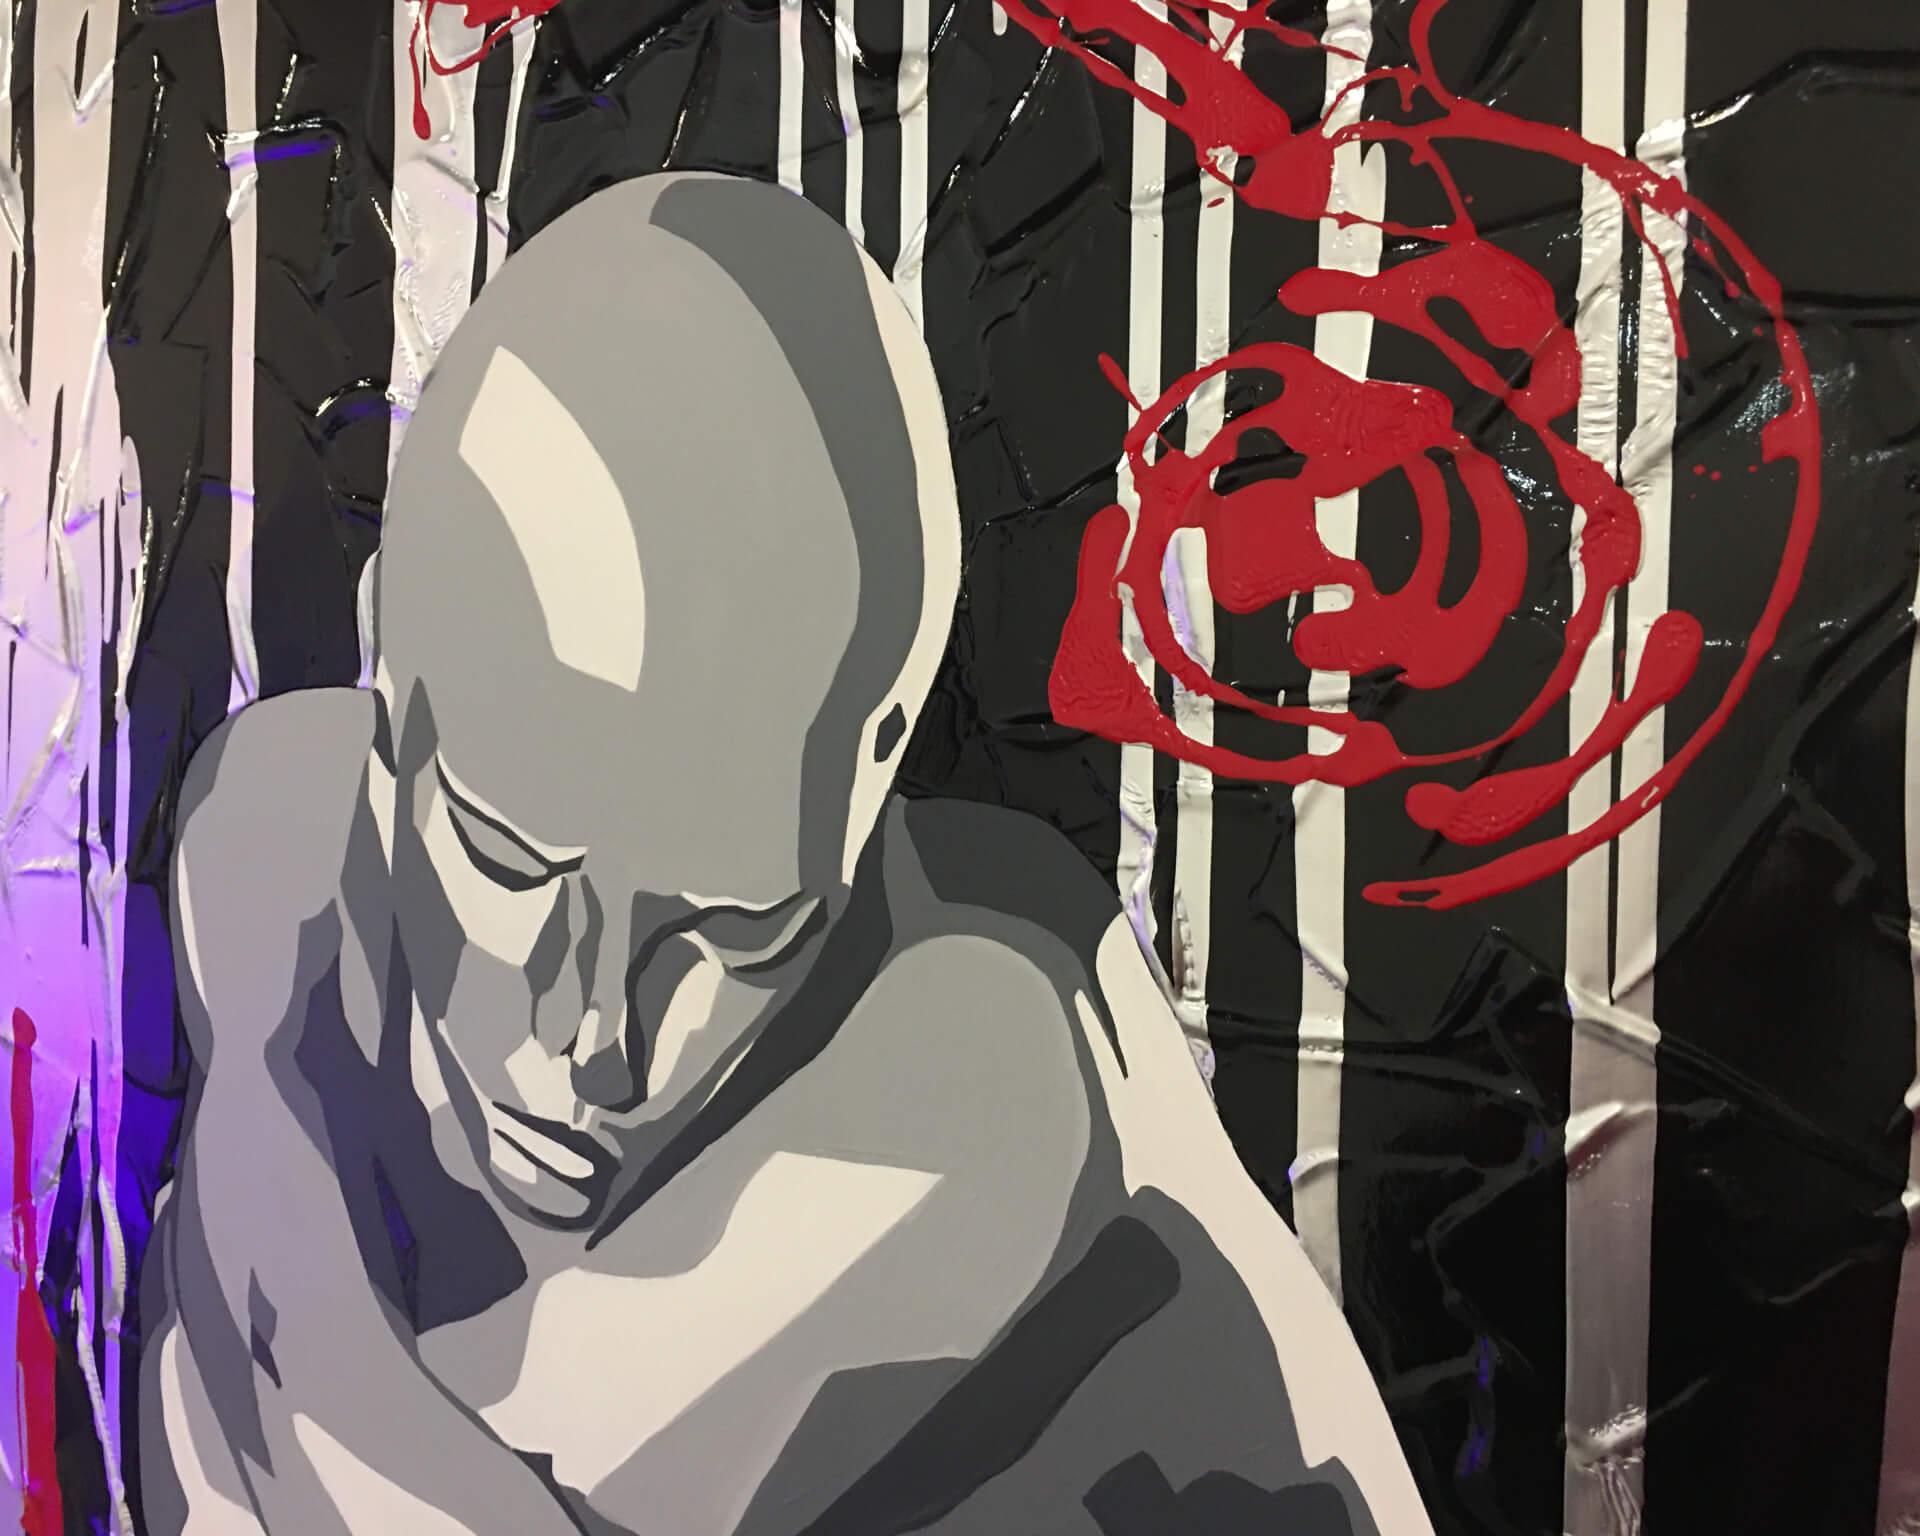 laura tartarelli contemporary art pietrasanta penelope luna berlusconi